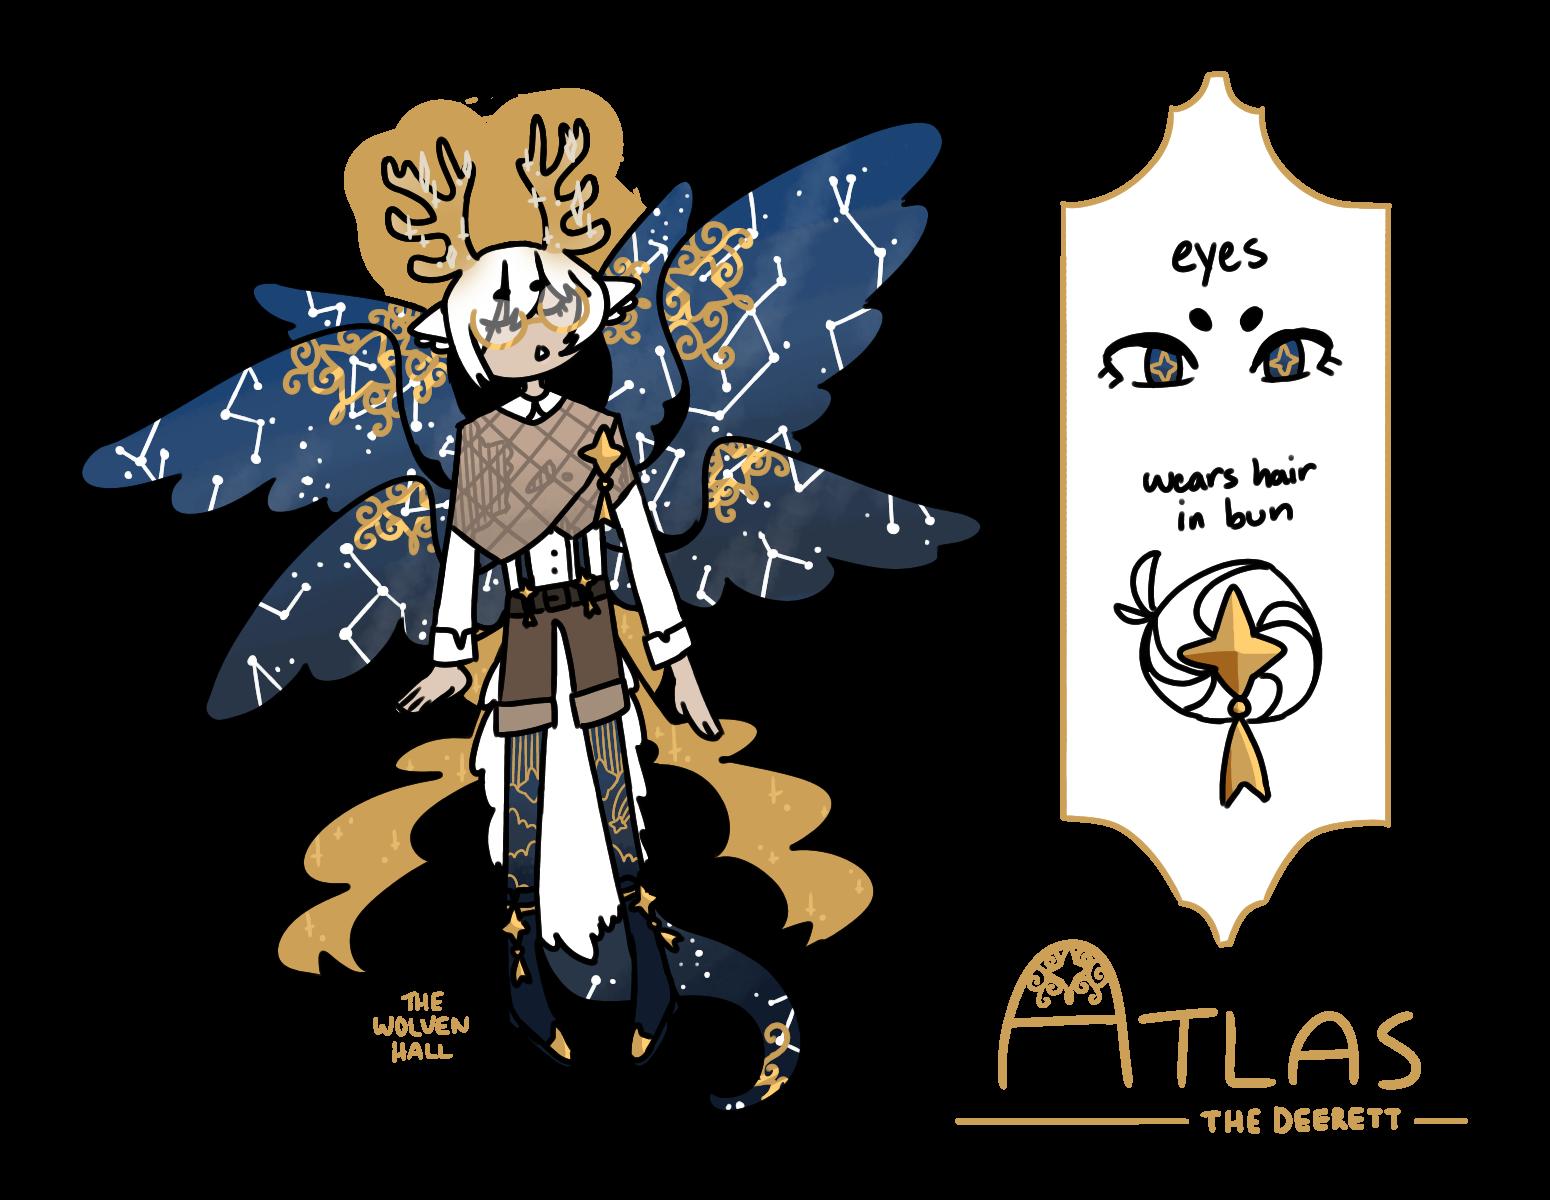 Atlas the Deerett